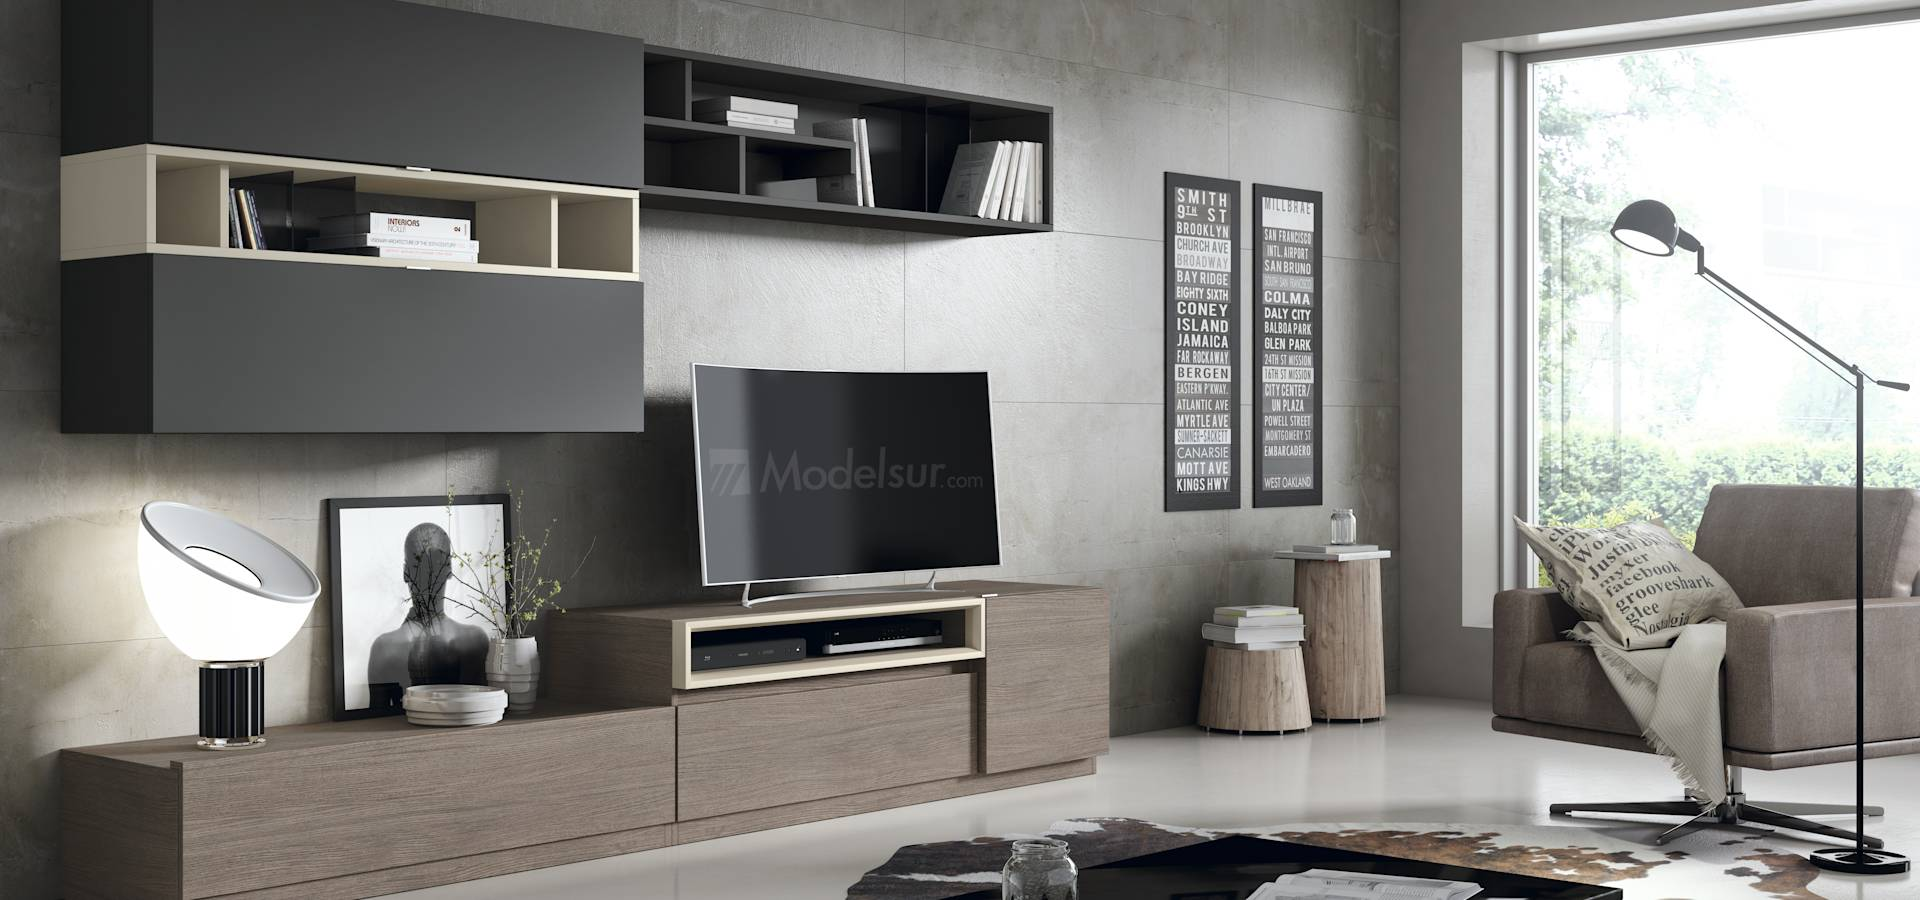 Modelsur muebles y accesorios en lucena cordoba homify - Muebles lucena cordoba ...